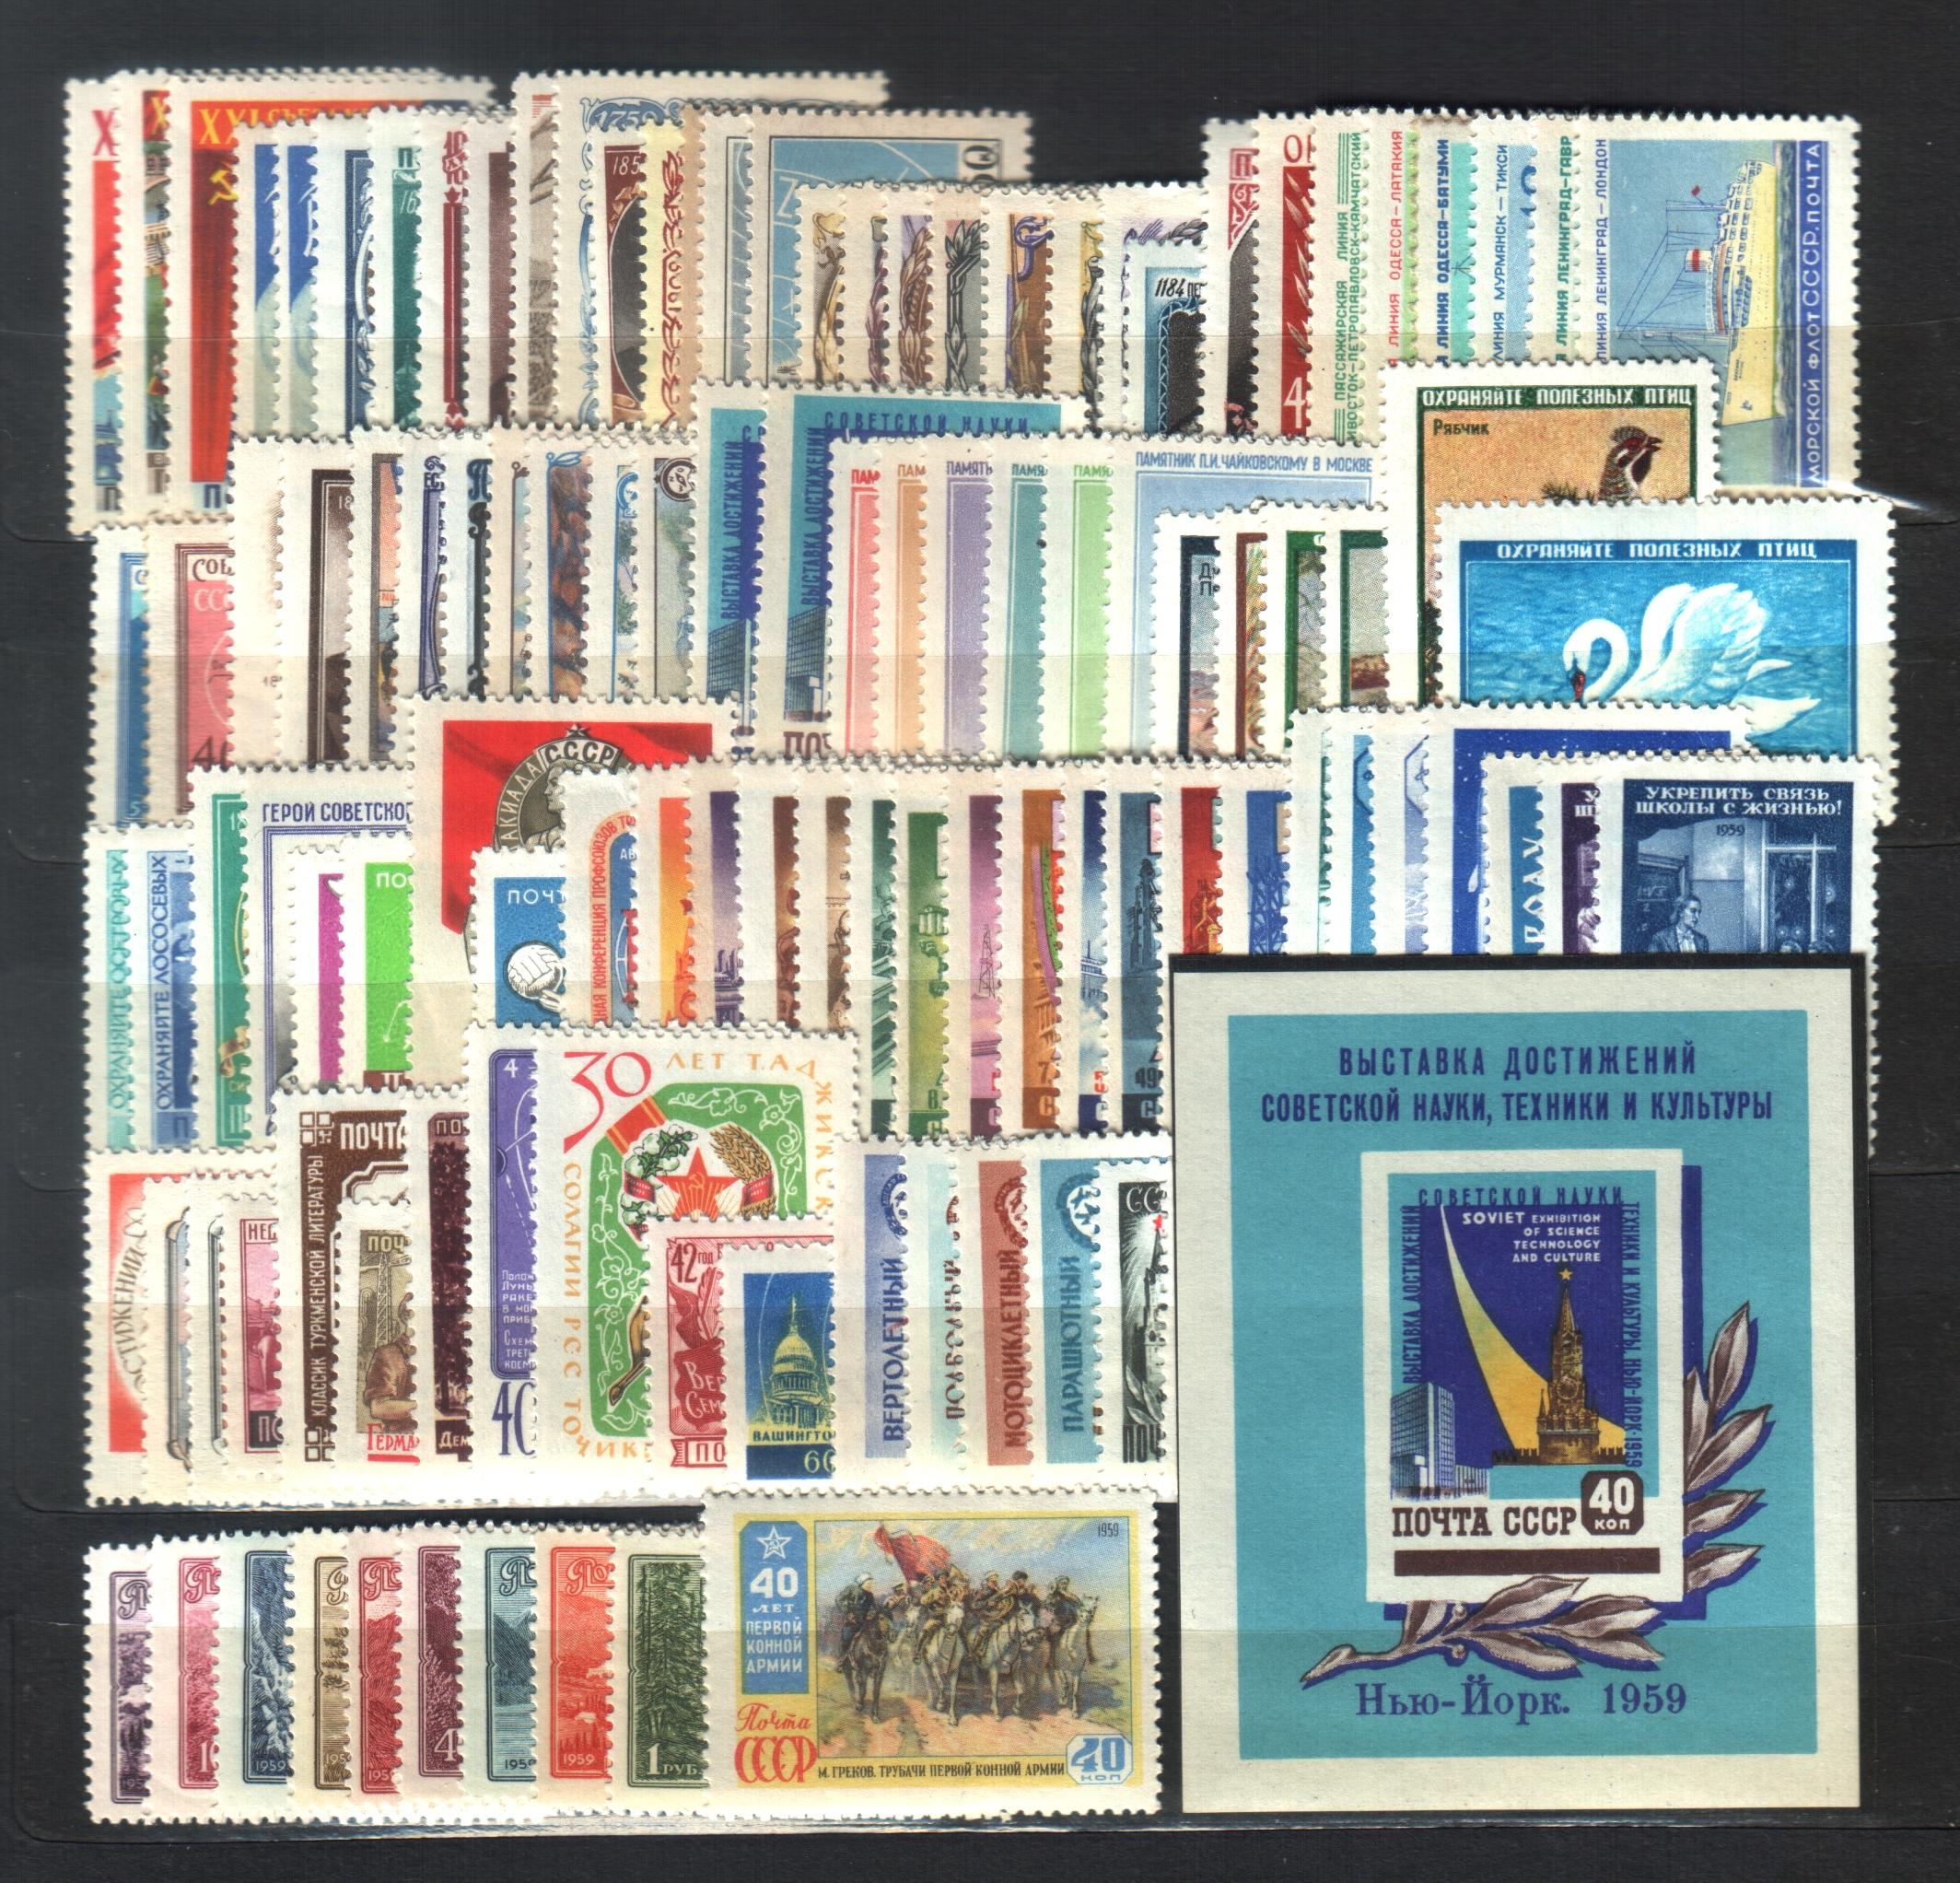 Годовой набор почтовых марок СССР 1959 год, 117 марок, 1 почтовый блок